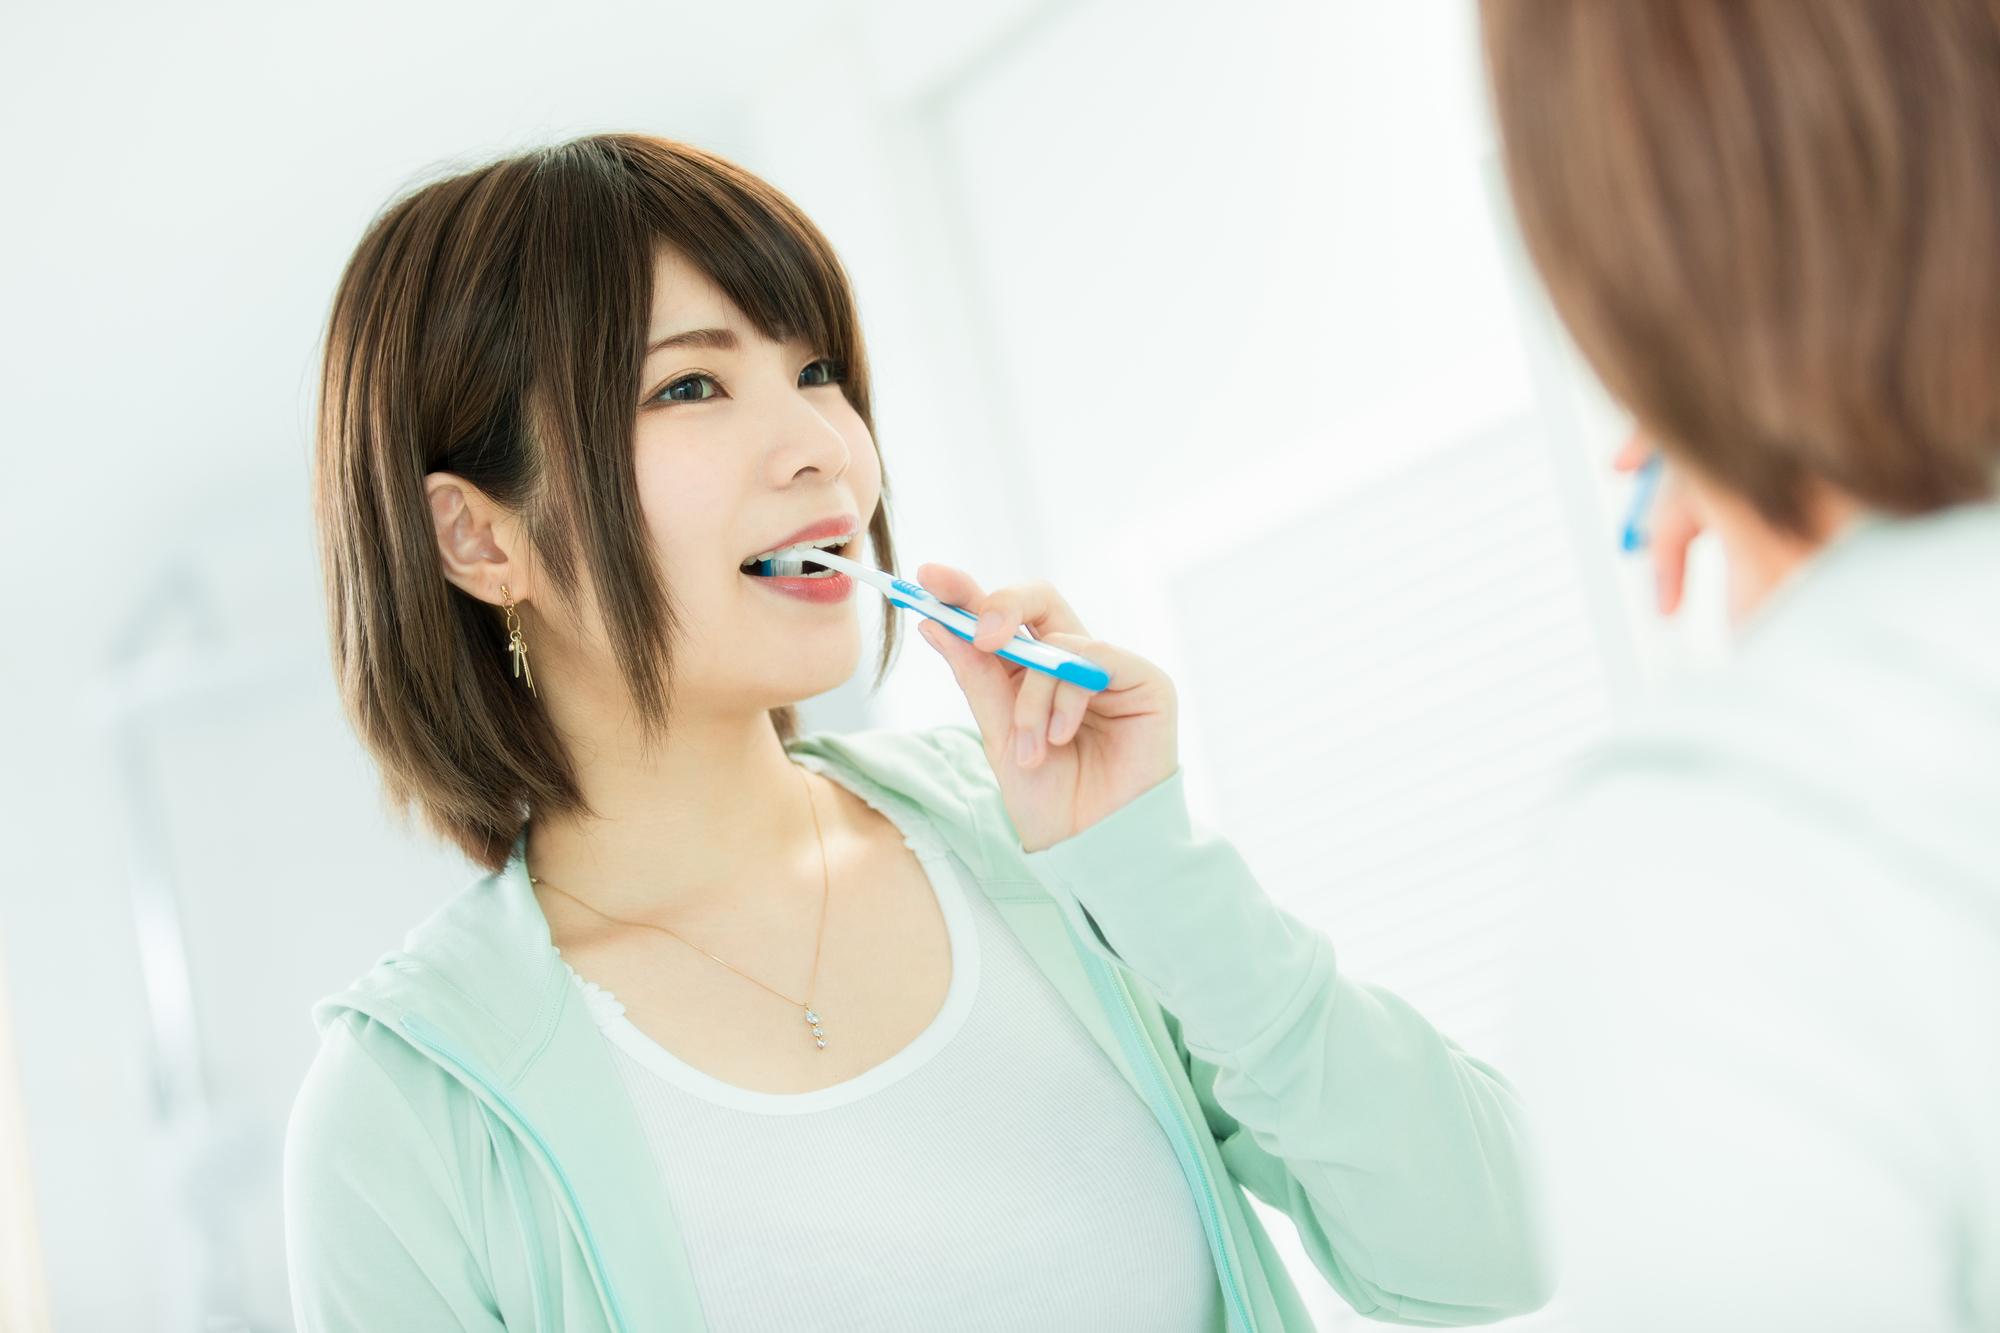 歯医者さんに行く前に歯を磨く女性